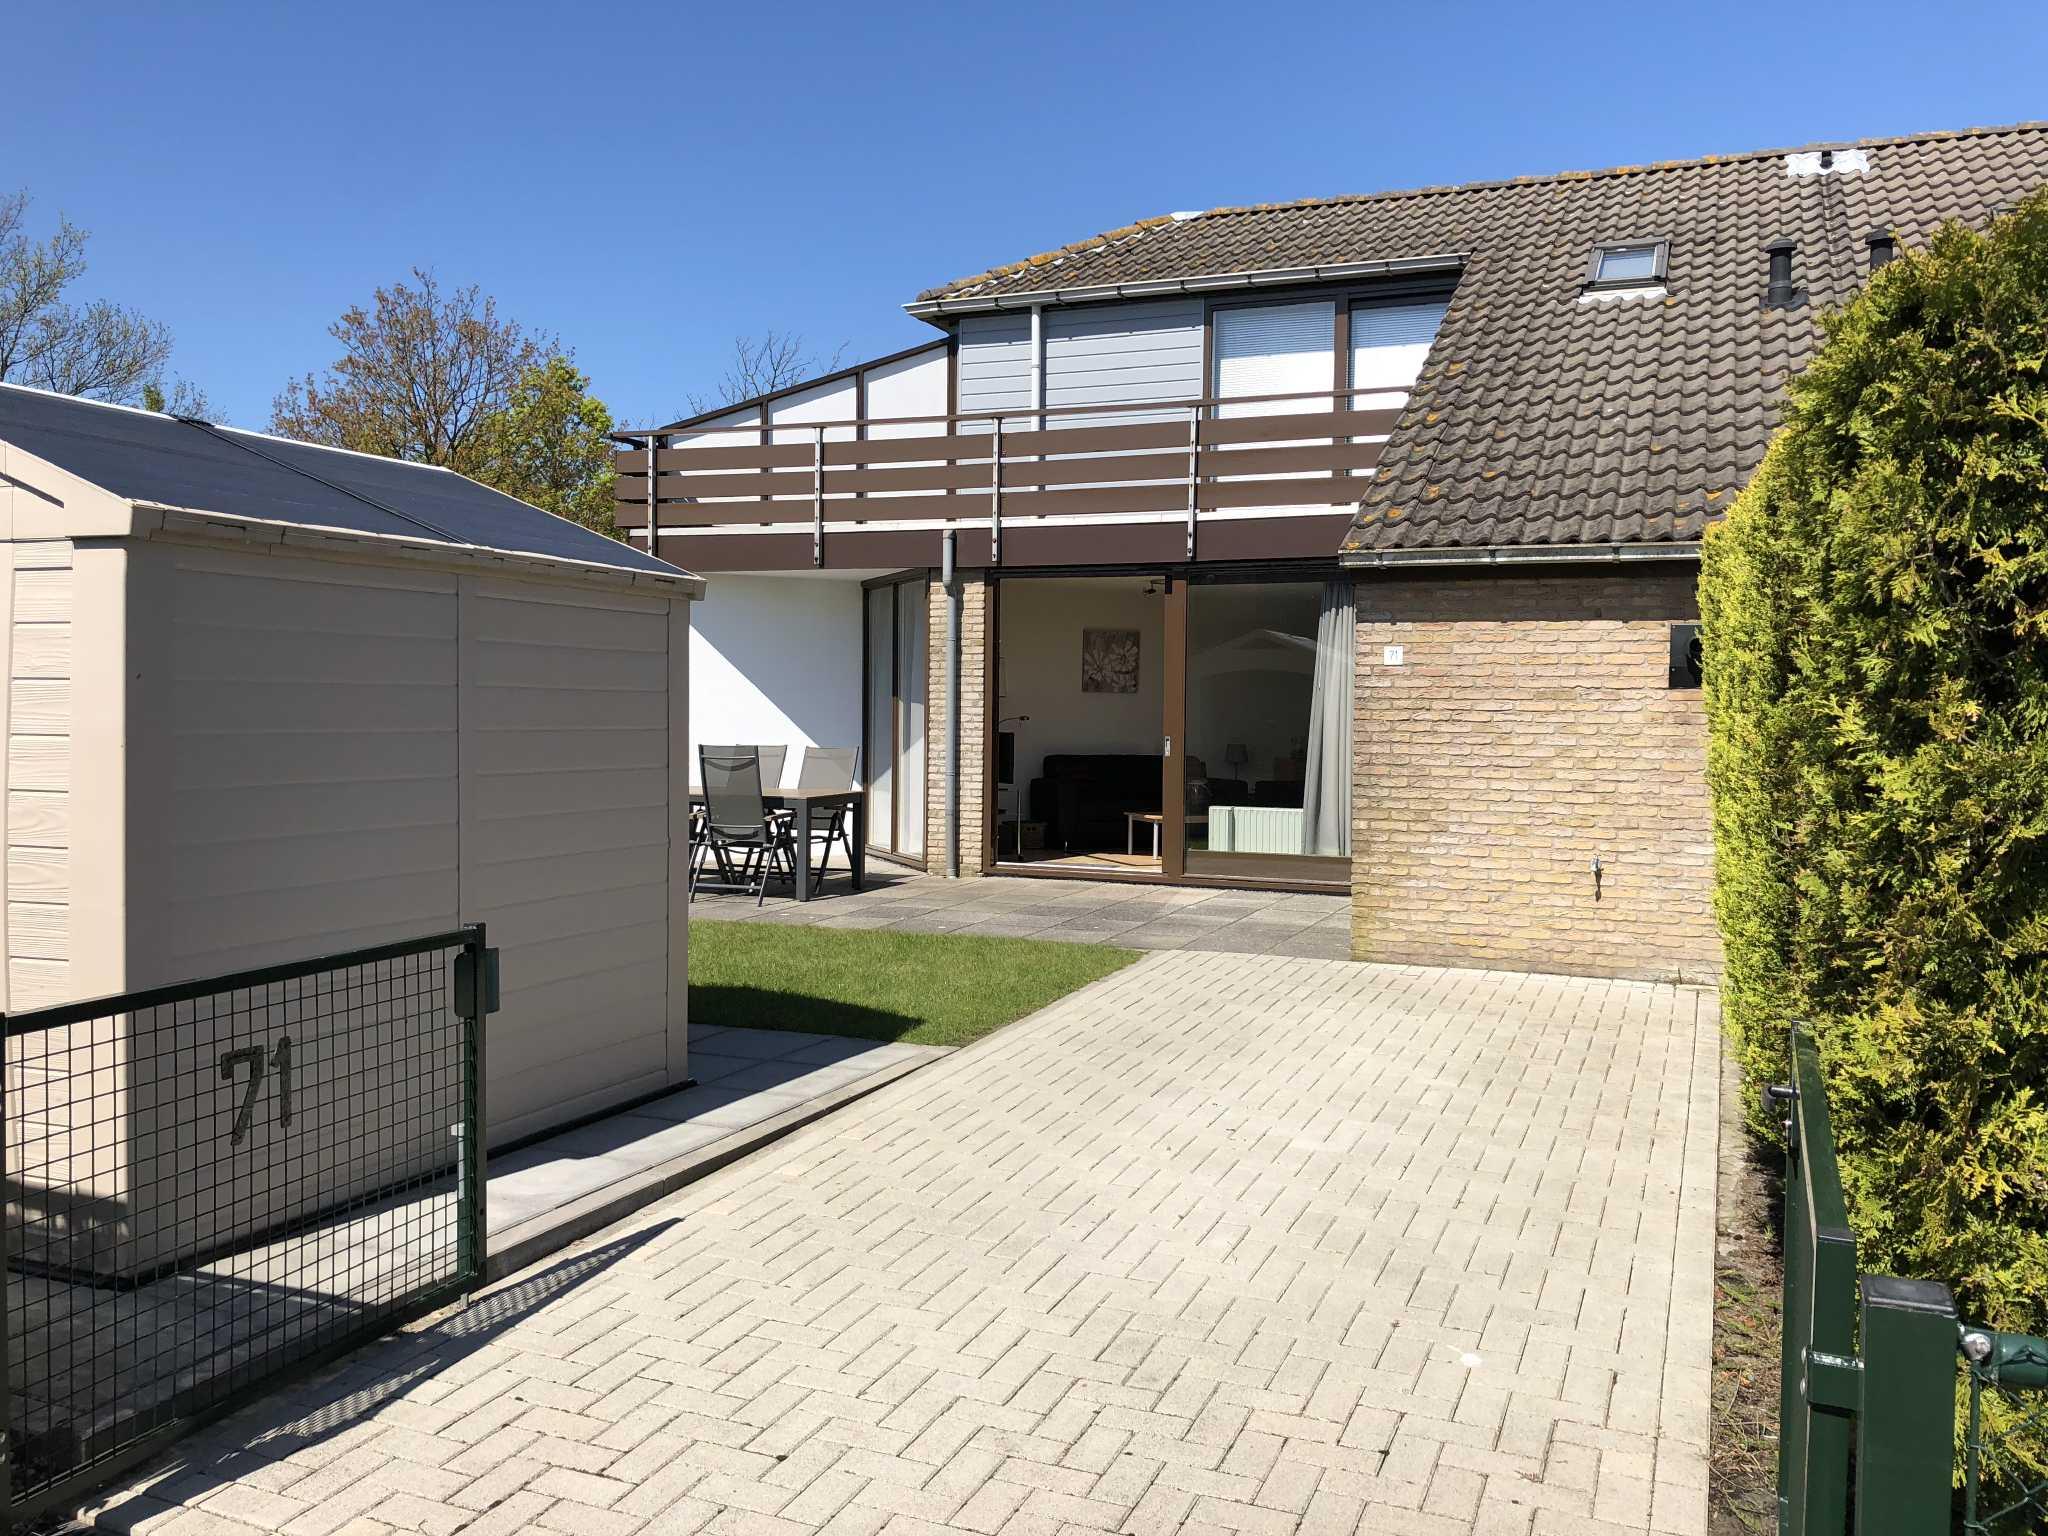 Zusatzbild Nr. 11 von Ferienhaus - Herckenstein 71